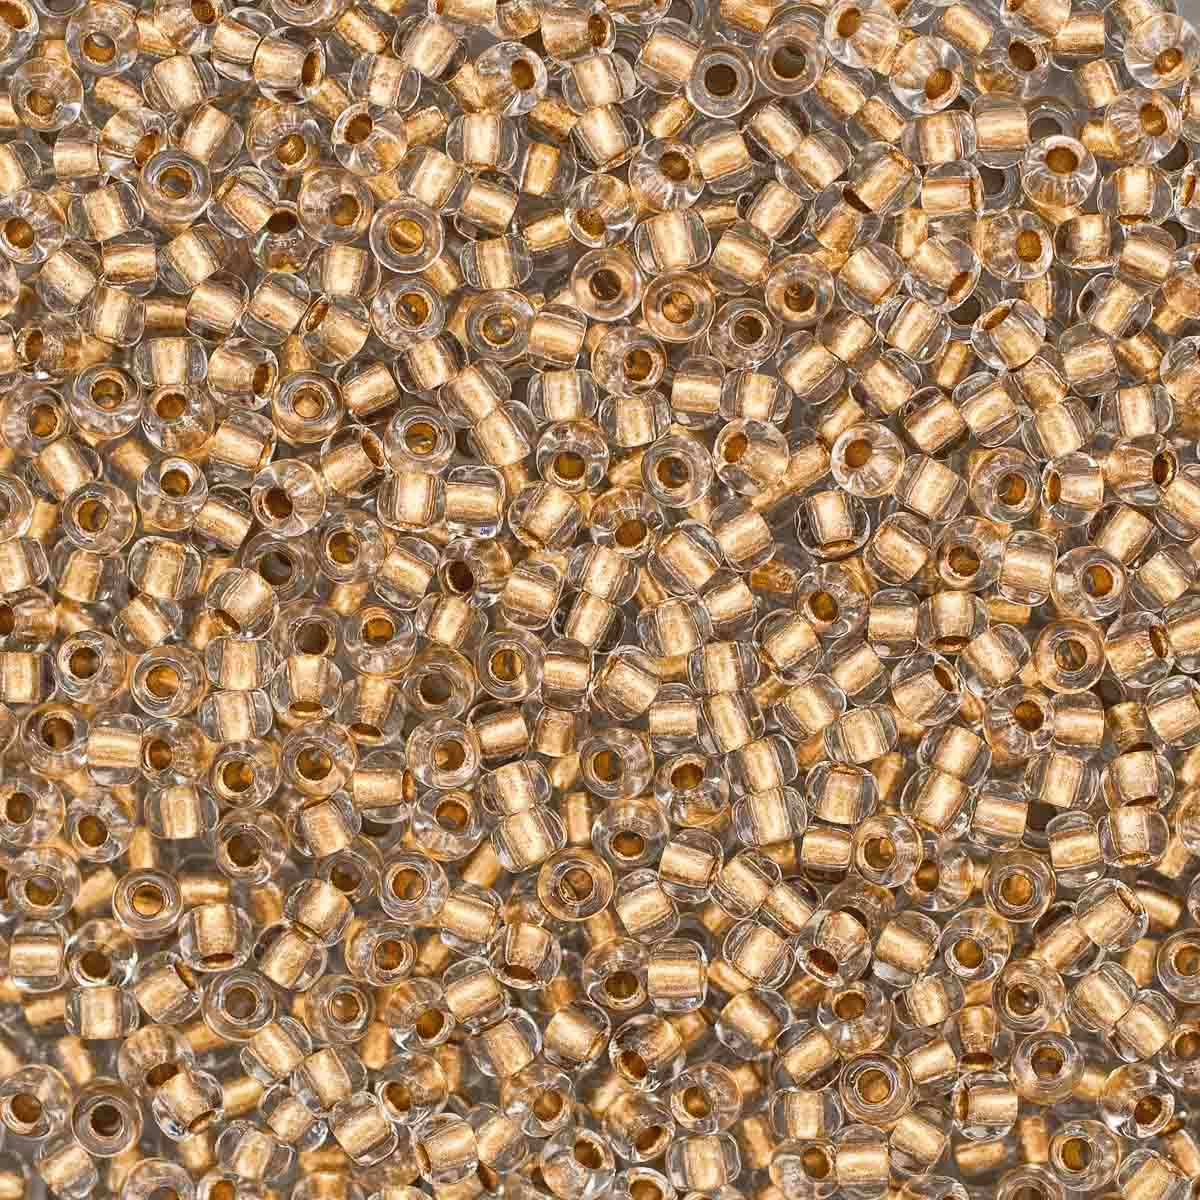 331-19001-10/0-68106 Бисер прозрачный с бронзовым центром 10/0, круг.отв., 20гр Preciosa